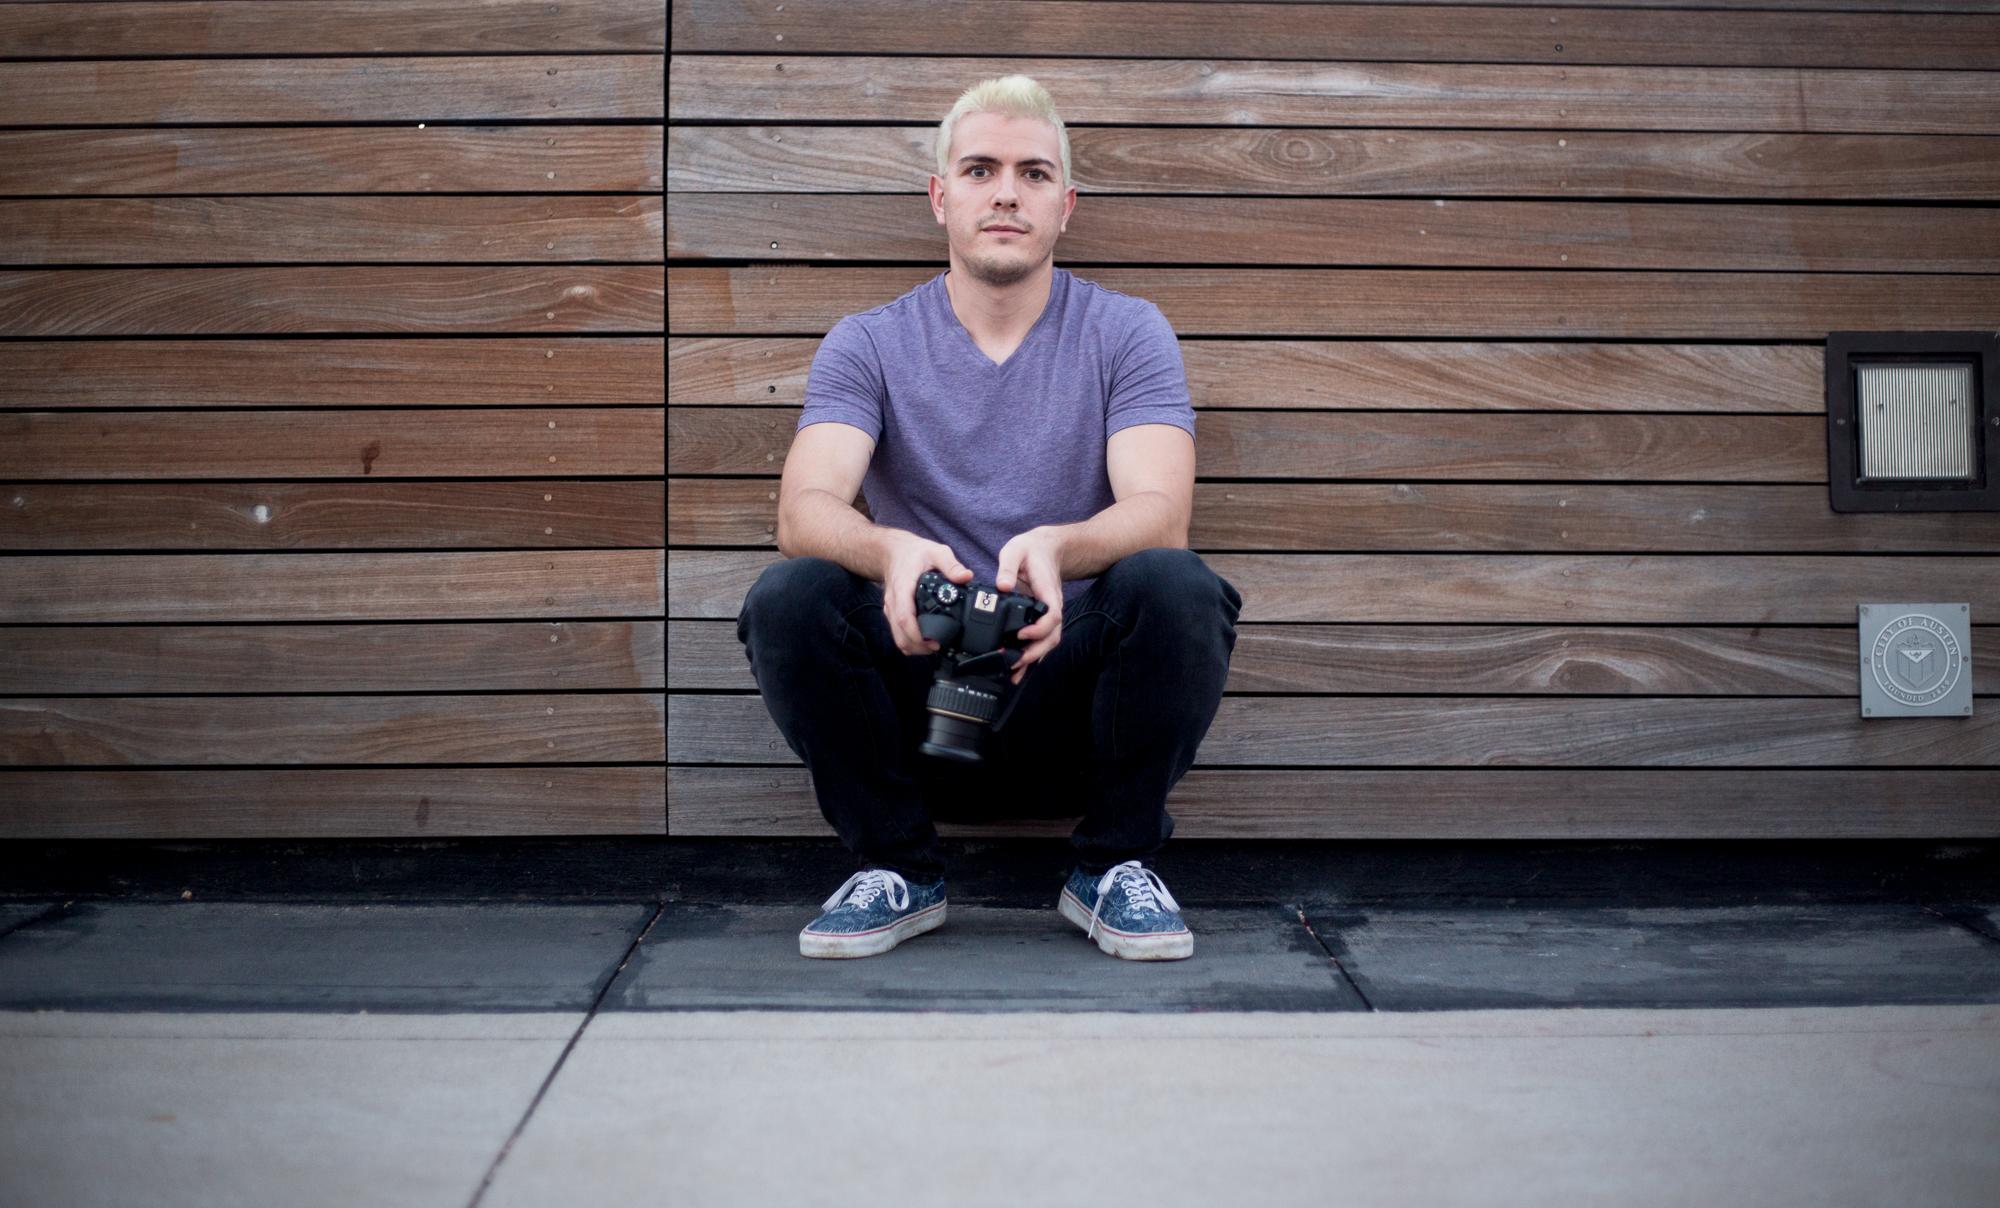 Dylan Sutton